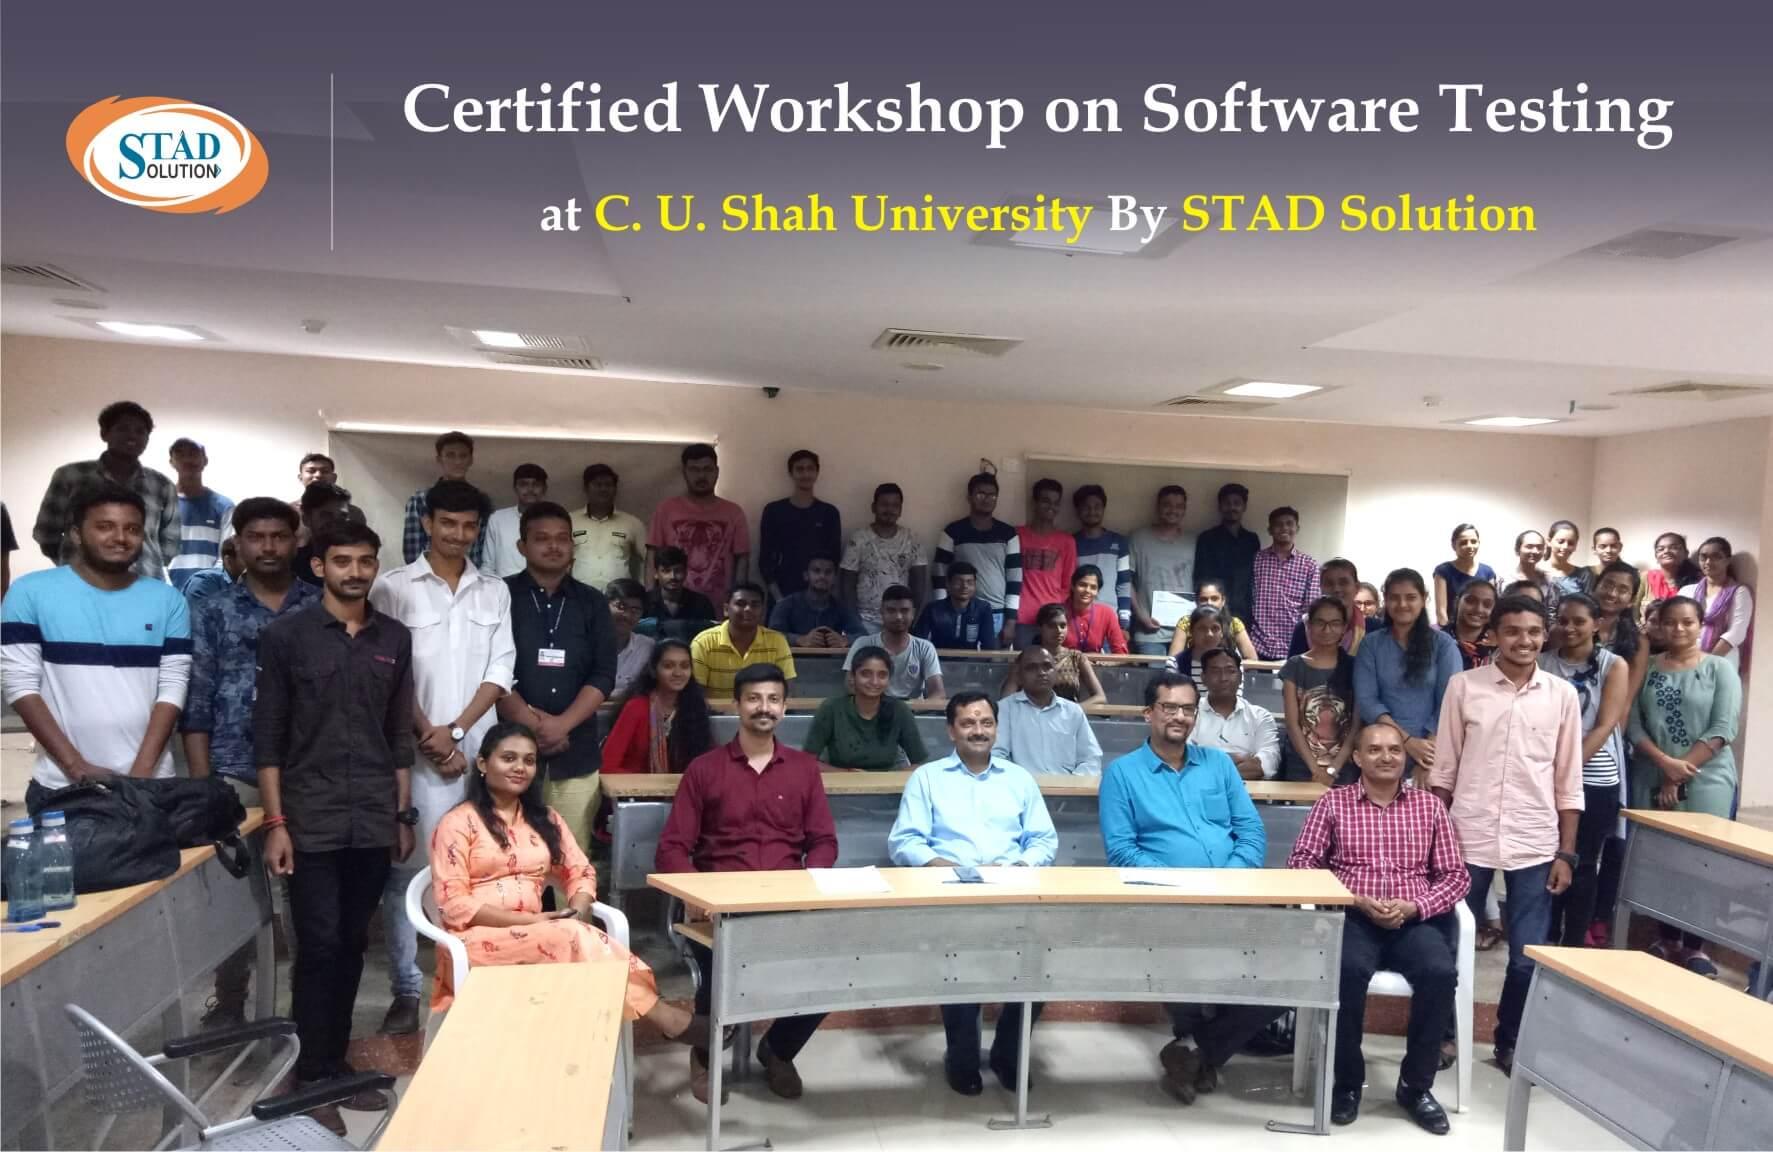 C.U. Shah University